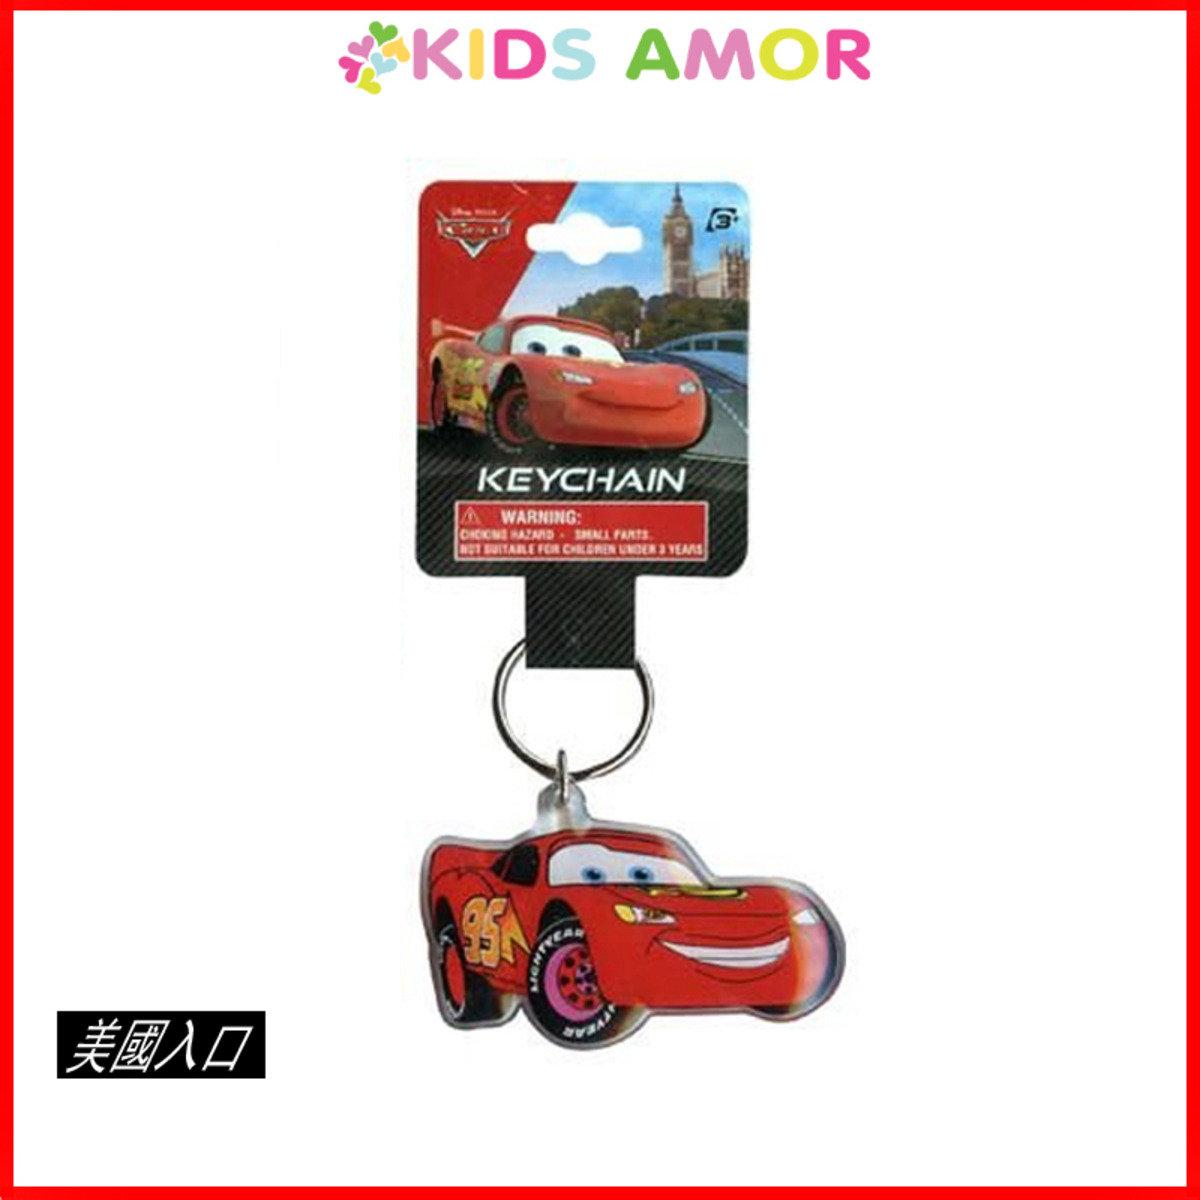 鑰匙扣/書包扣 - 迪士尼反斗車王麥坤